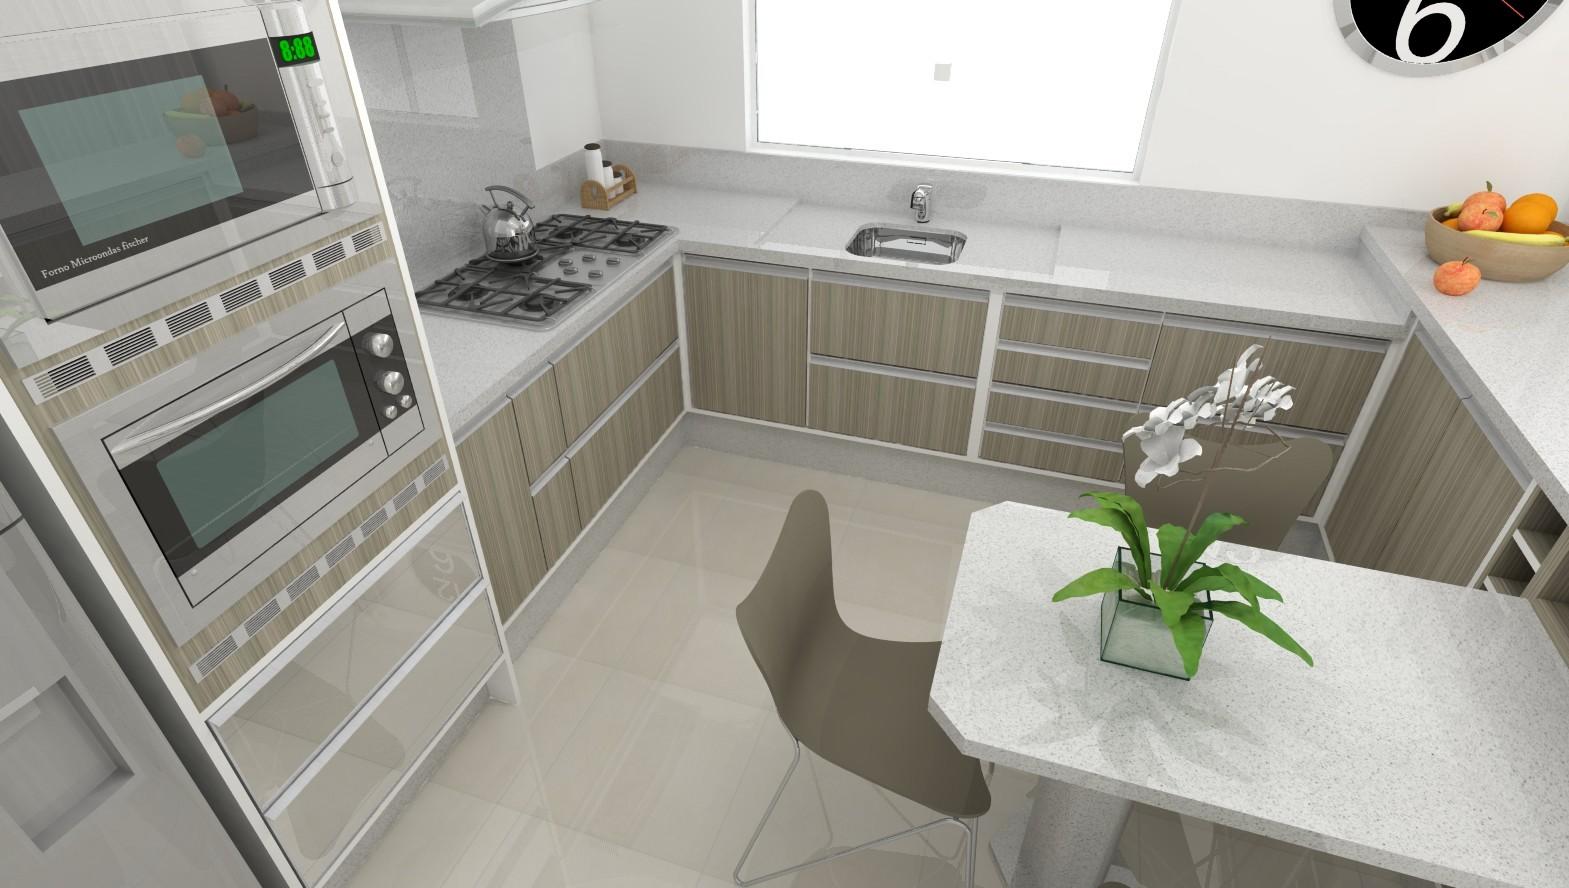 #AC681F Sekai Projetos e Interiores: Sala e cozinha móveis brancos com  1569x888 px Projeto De Cozinha Com Sala Pequena #2847 imagens